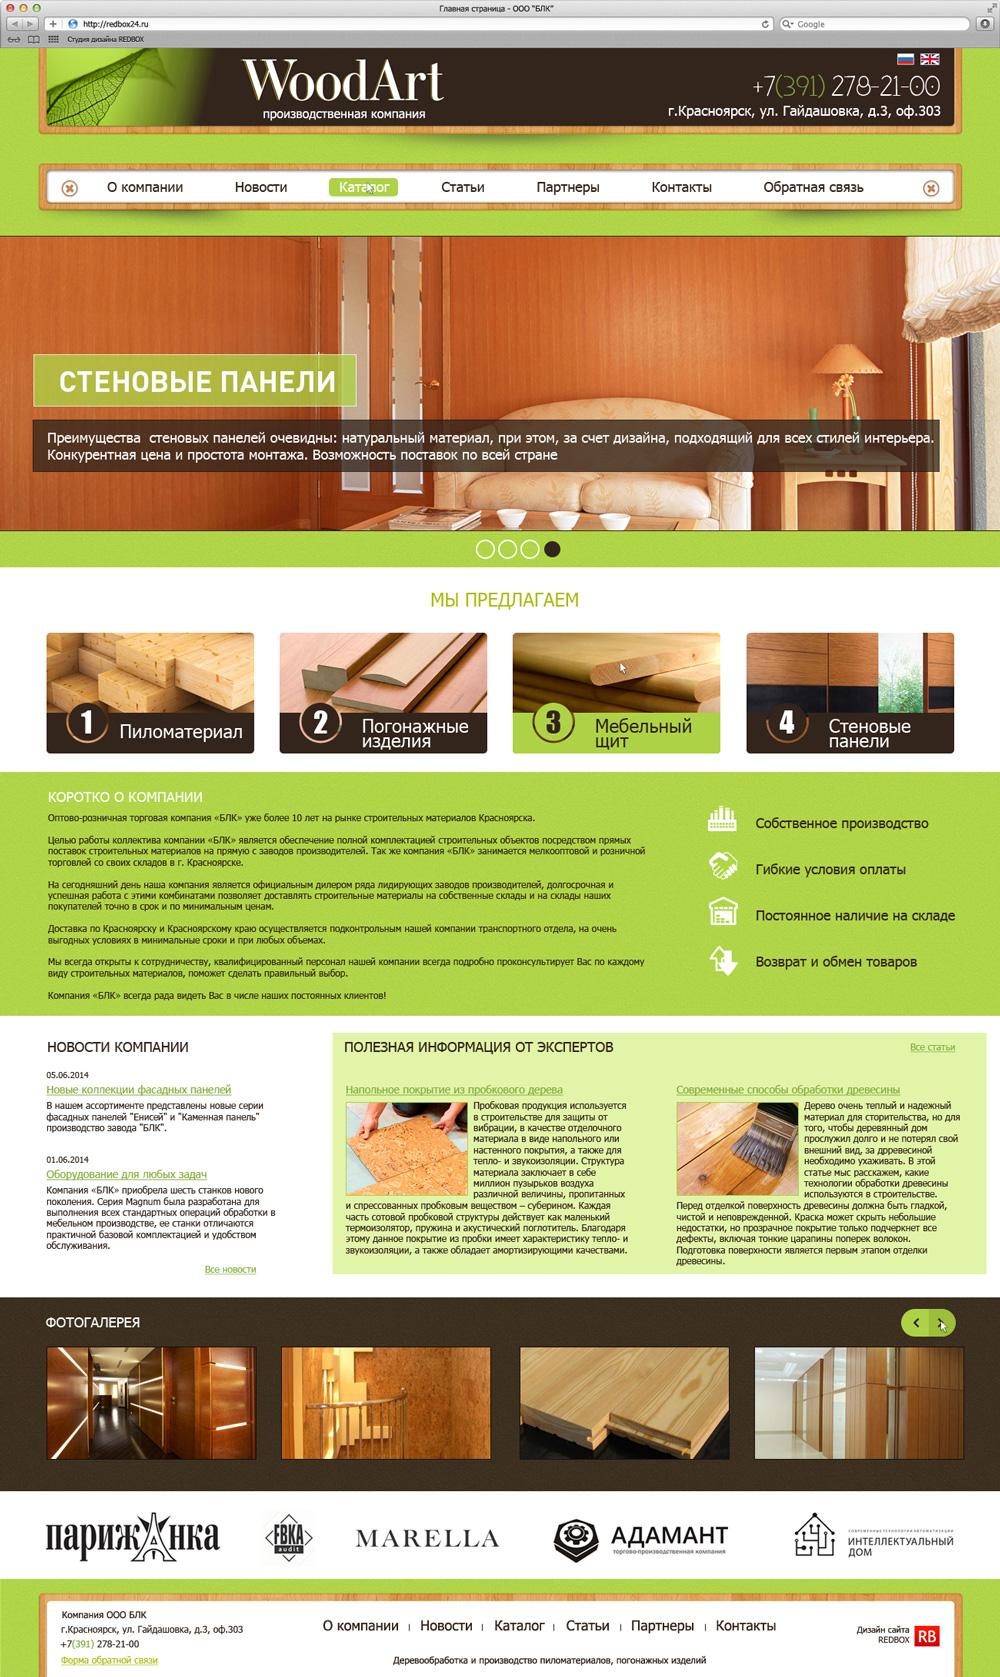 Главная страница сайта для компании в зеленом цвете